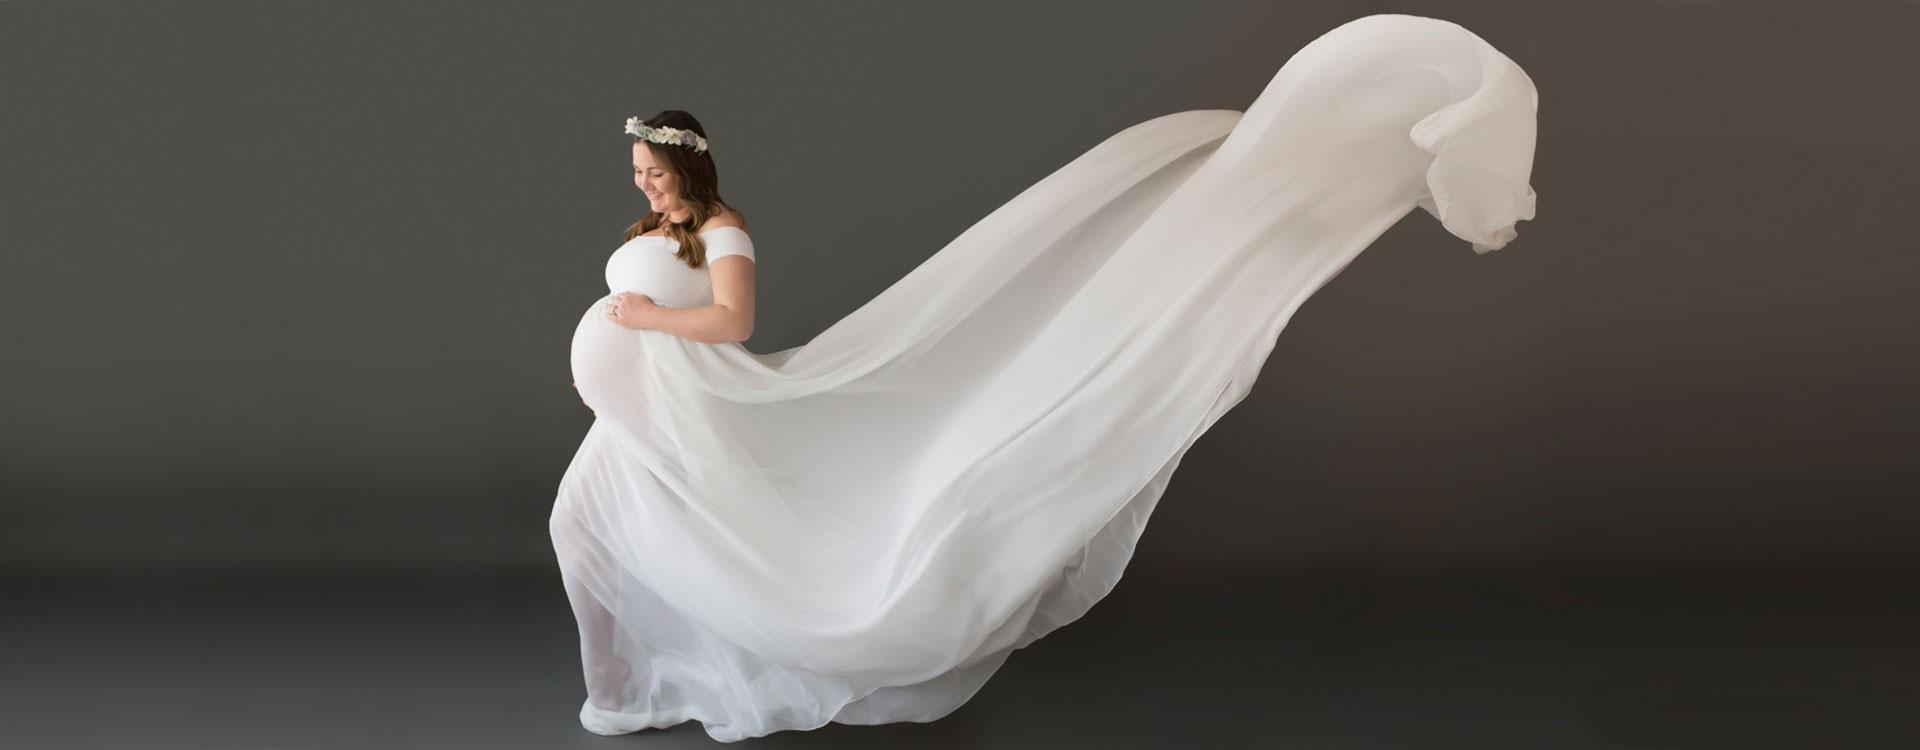 Maternity_JanetsBeautifulBabyBump_GainesvilleFlorida-11